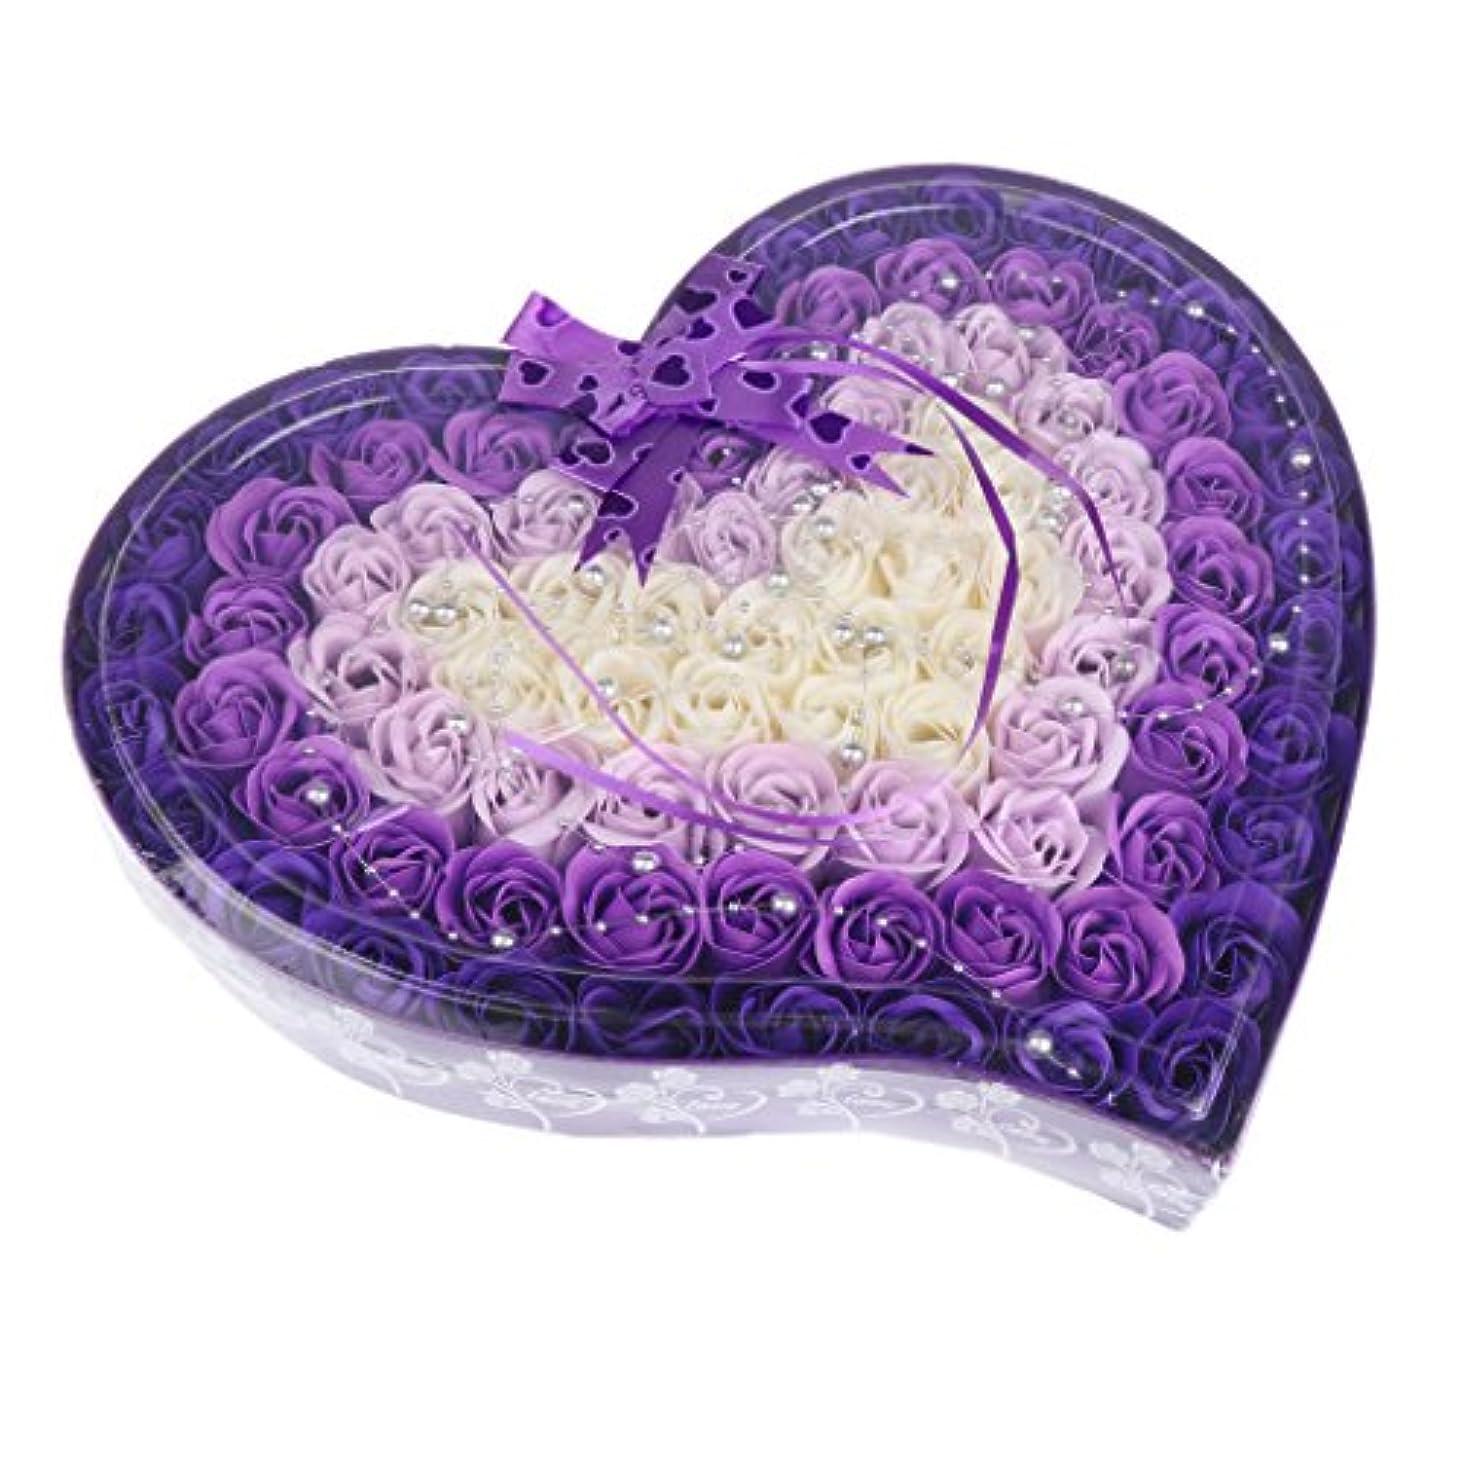 信じる彼女は甲虫Fenteer ソープフラワー  約100個 心の形 ギフトボックス 石鹸の花 誕生日  プレゼント 全4色選べる - 紫